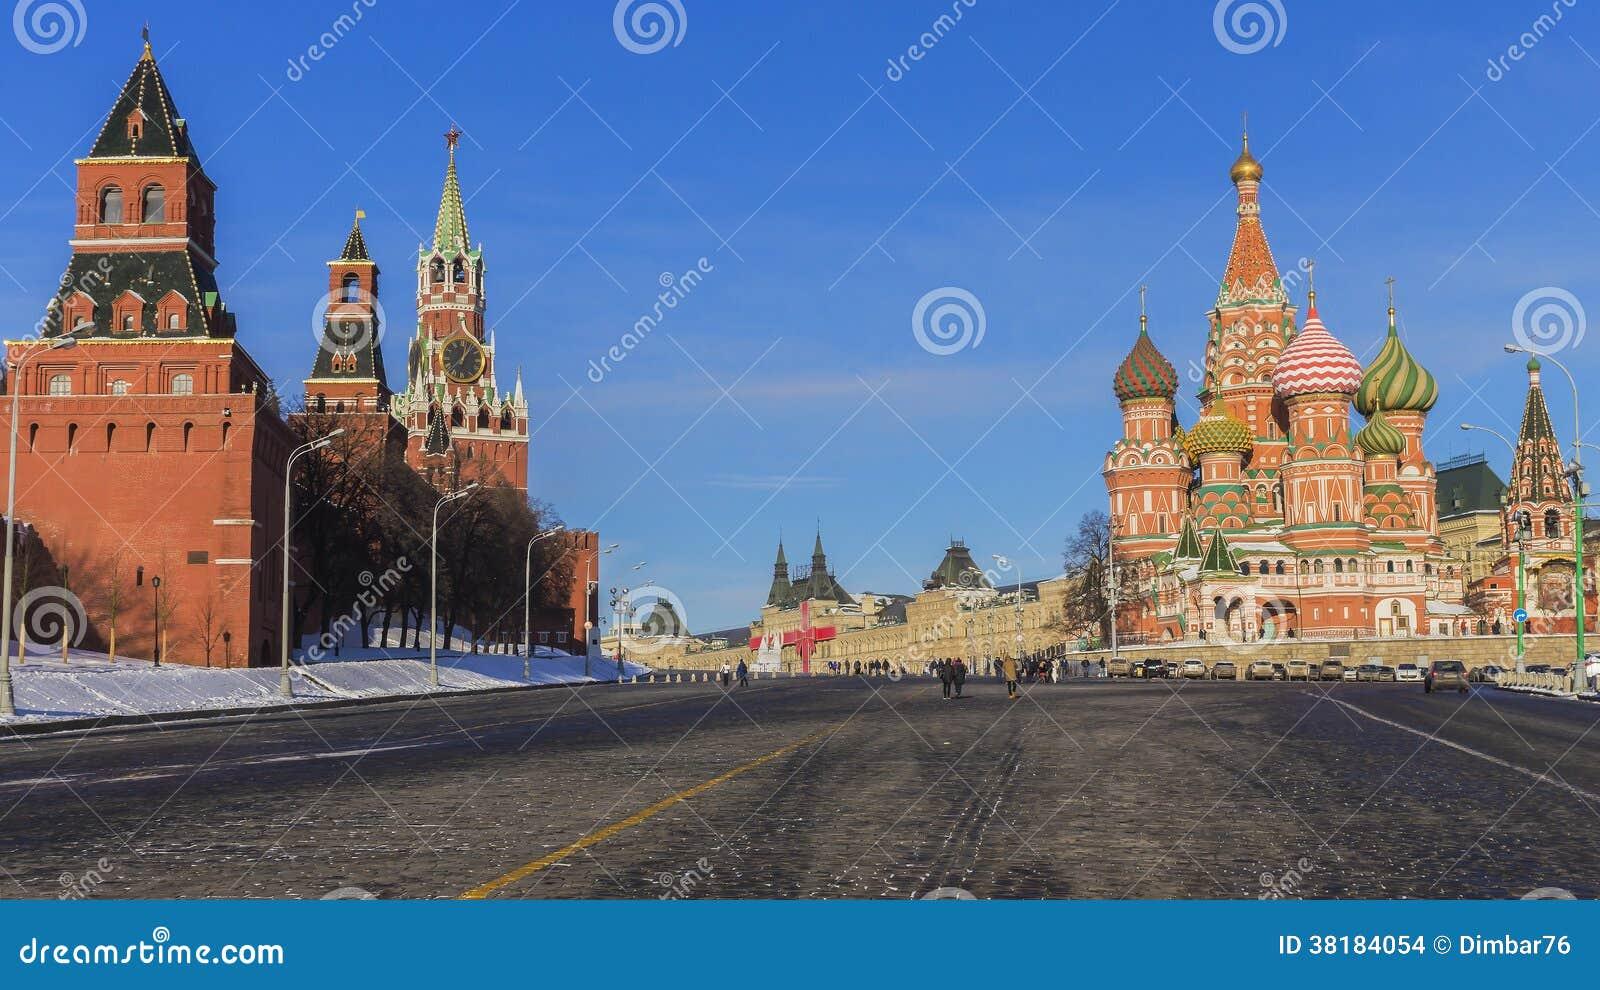 红场(克里姆林宫和圣蓬蒿的大教堂 ) 莫斯科,俄罗斯.图片